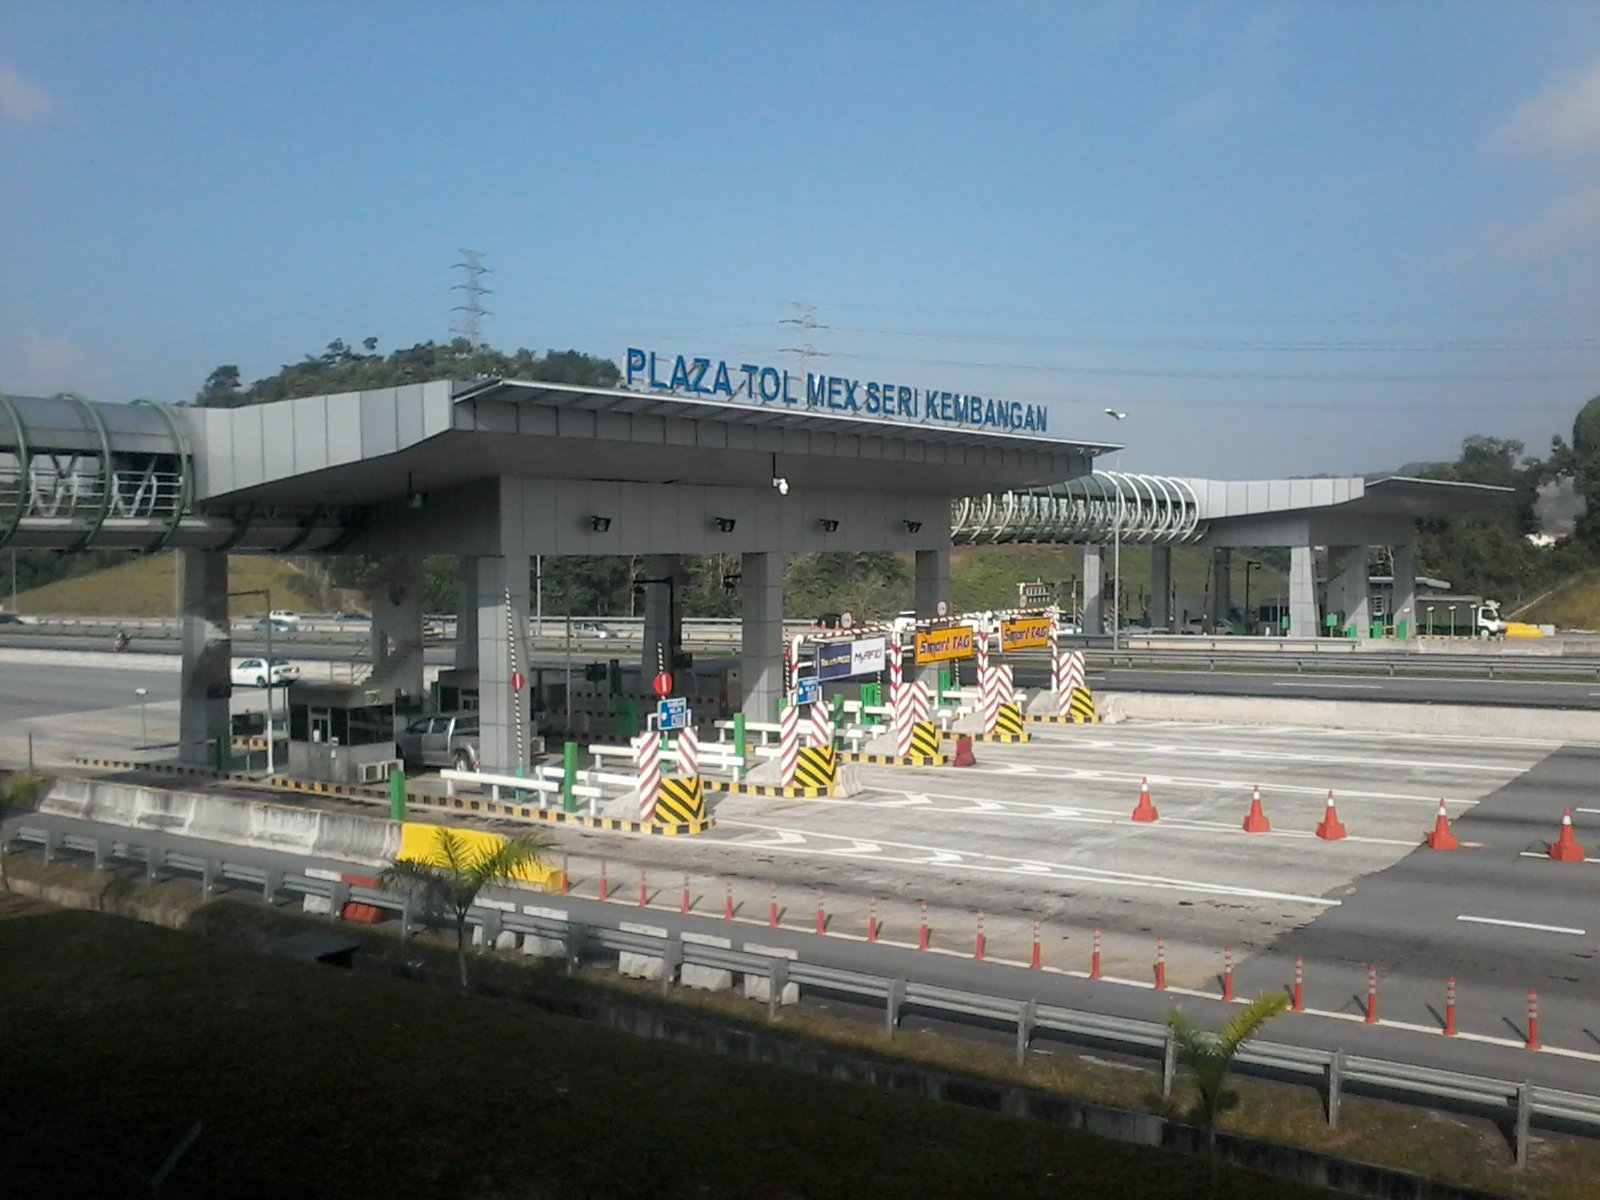 0930hrs: Semua lorong berfungsi dengan baik. Hati-hati memandu (Plaza Tol Seri Kembangan) https://t.co/CxGRjwxMQ3